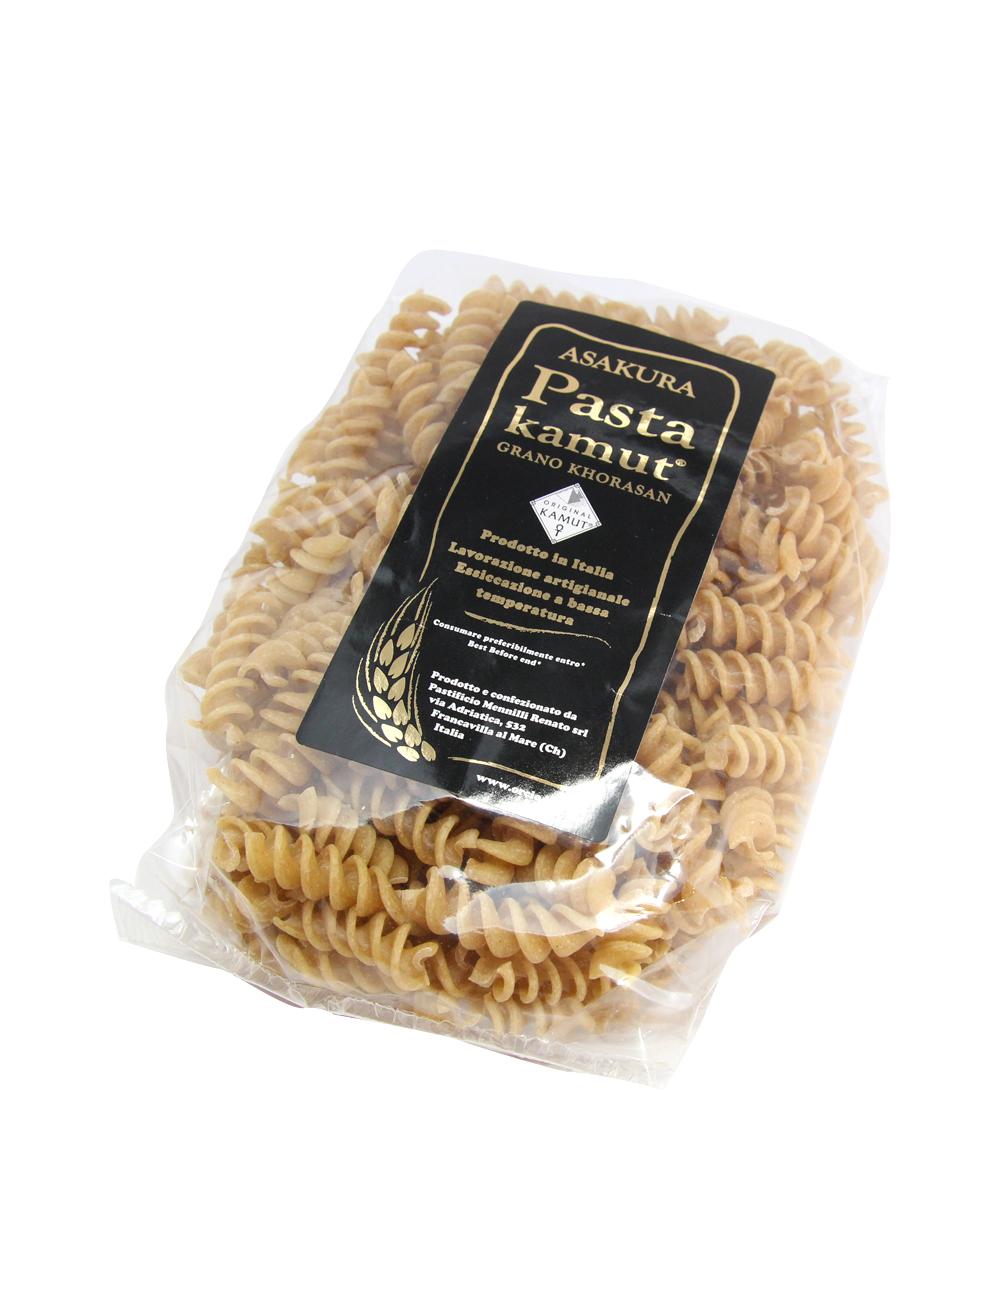 アサクラパスタ 古代小麦カムット(全粉) フジッリ